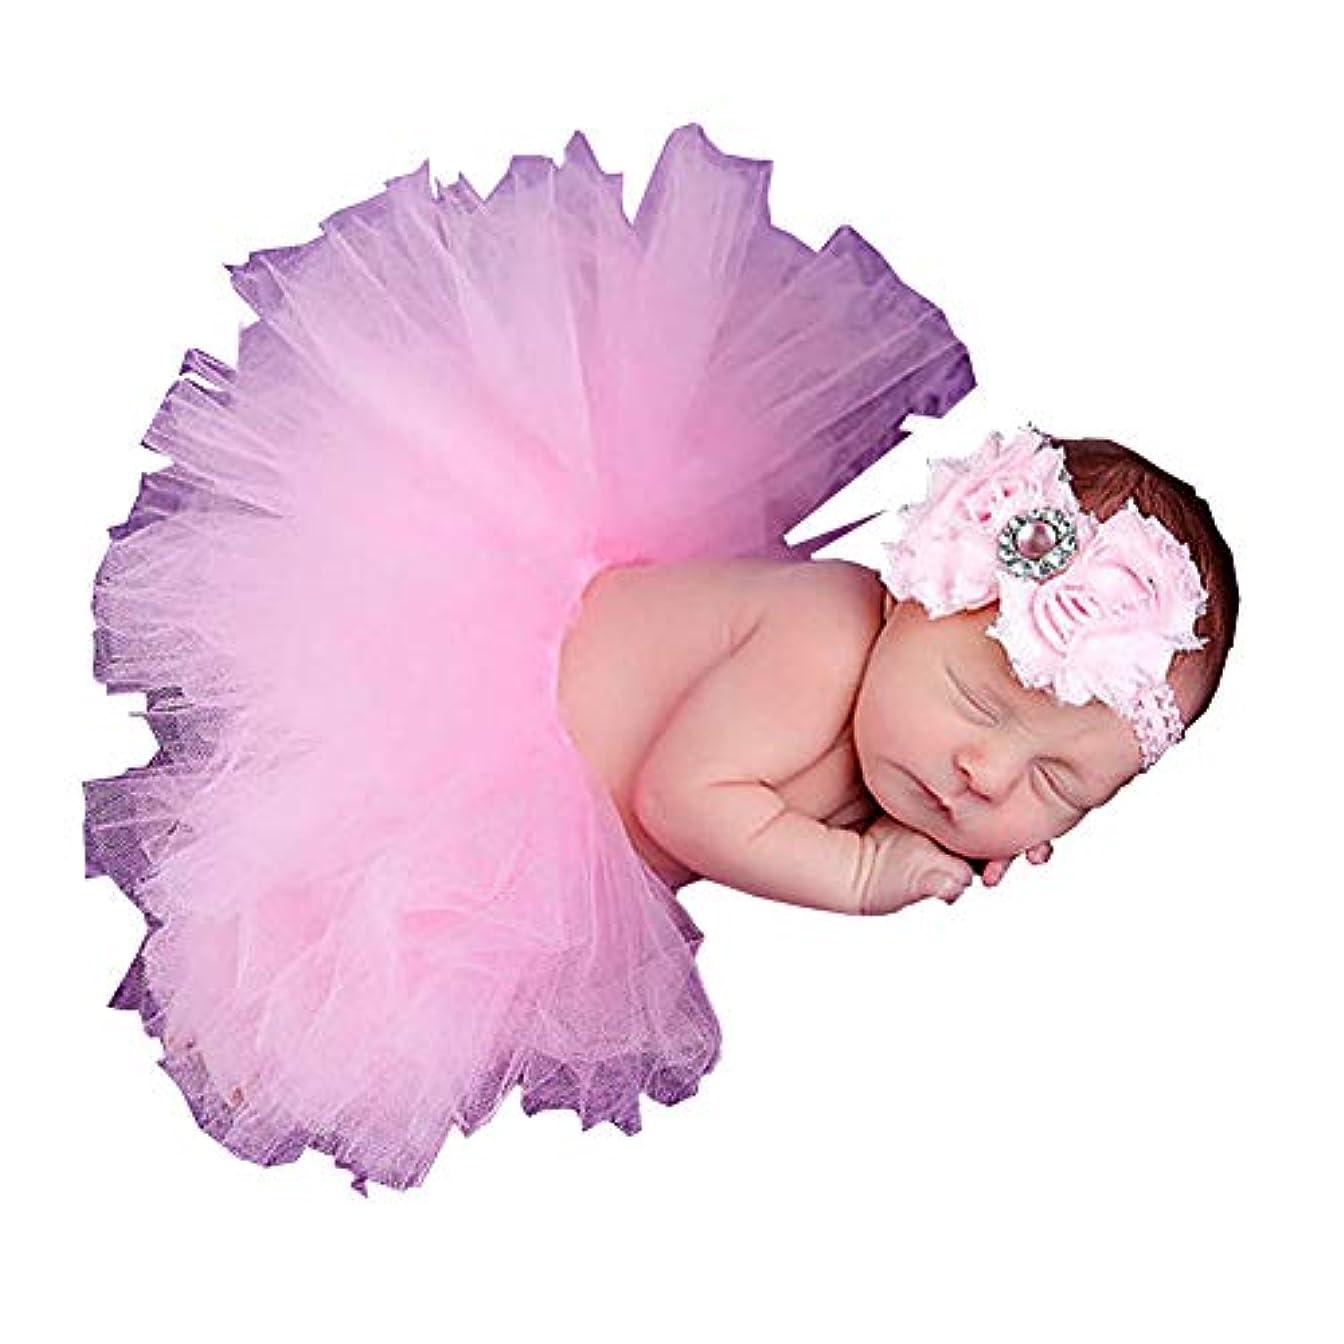 動機械的に将来のベビー用着ぐるみ コスチューム 寝相アート 新生児 赤ちゃん 写真を撮る道具 お嬢様風 ヘアバンド付 (ピンク,0-6Month)